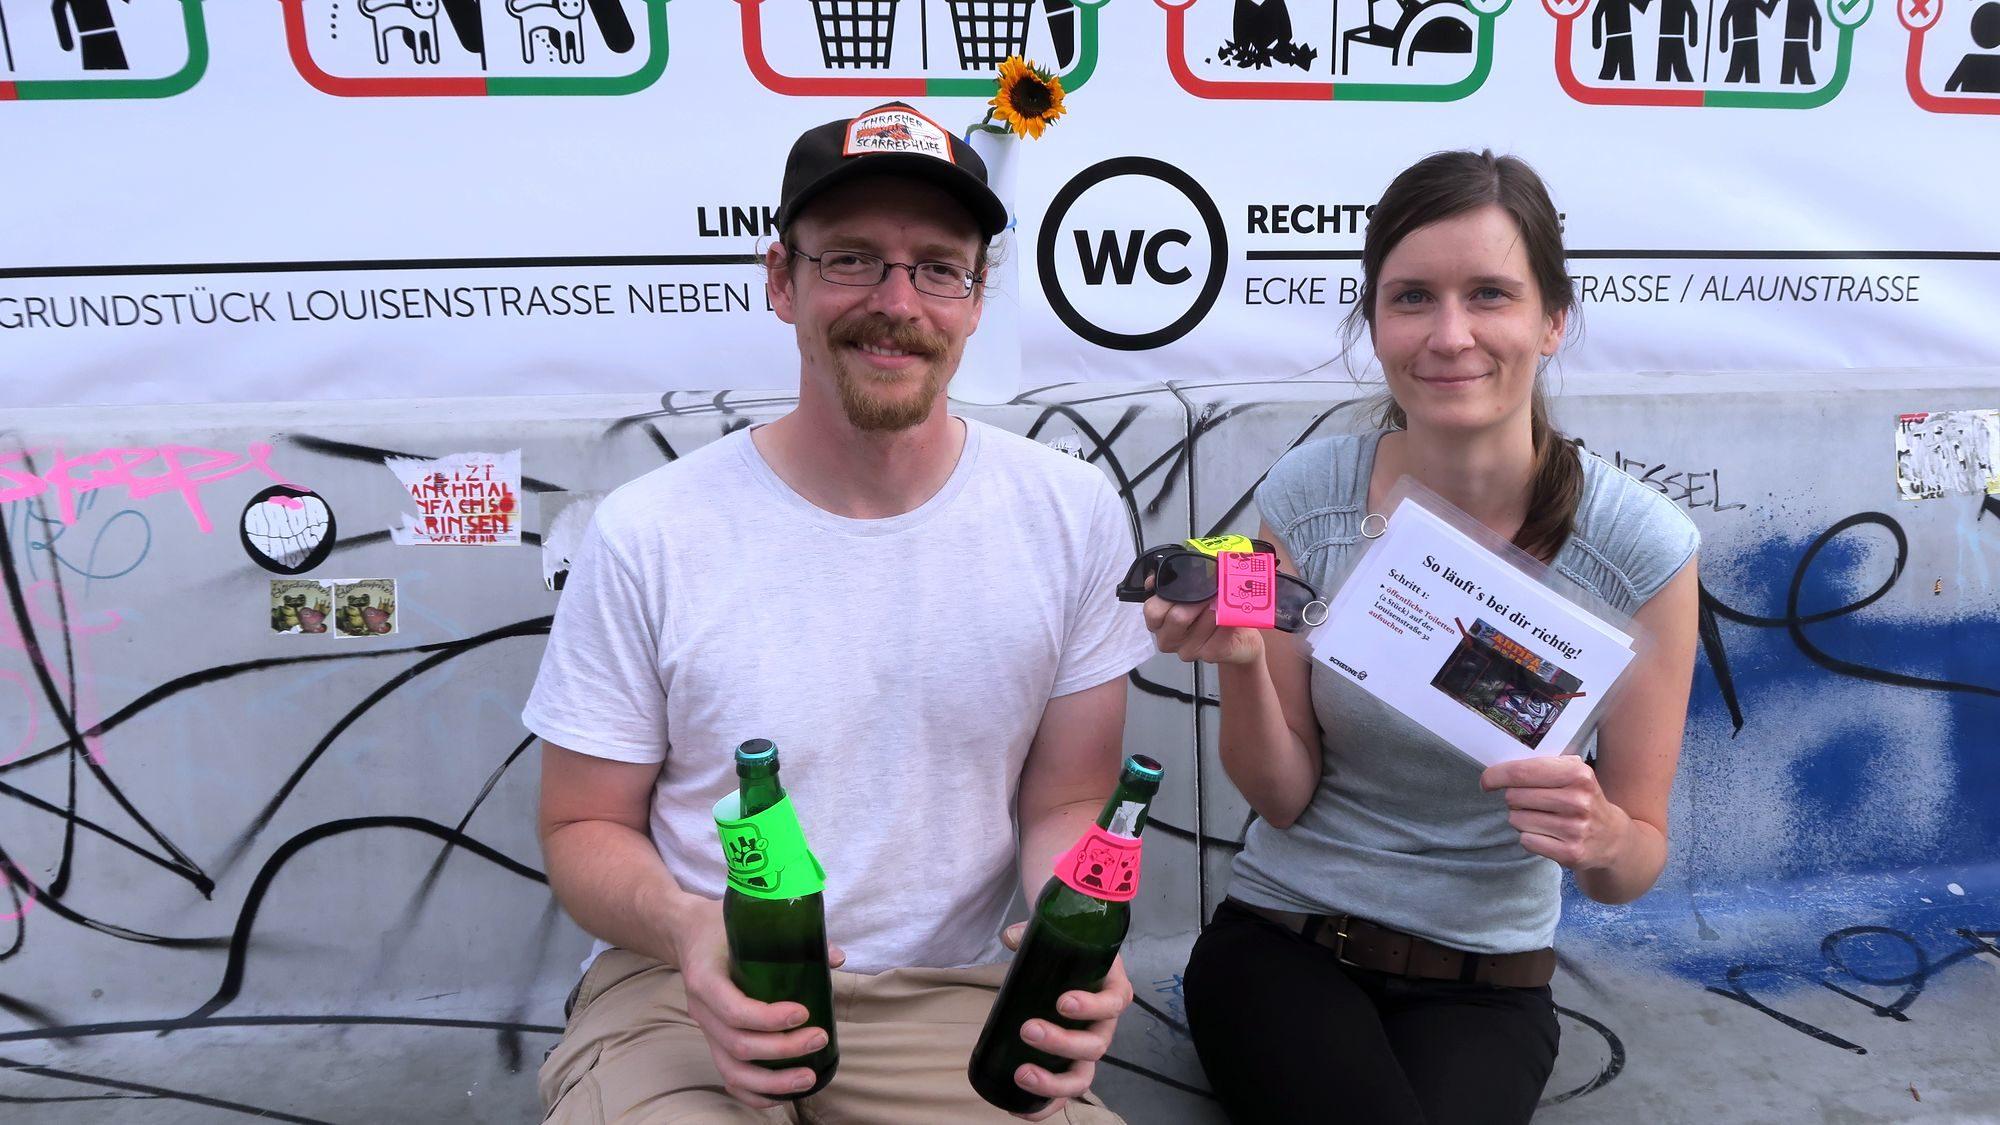 René Keil und Romy Jaehnig mit den Gadgets ihrer Aktion.